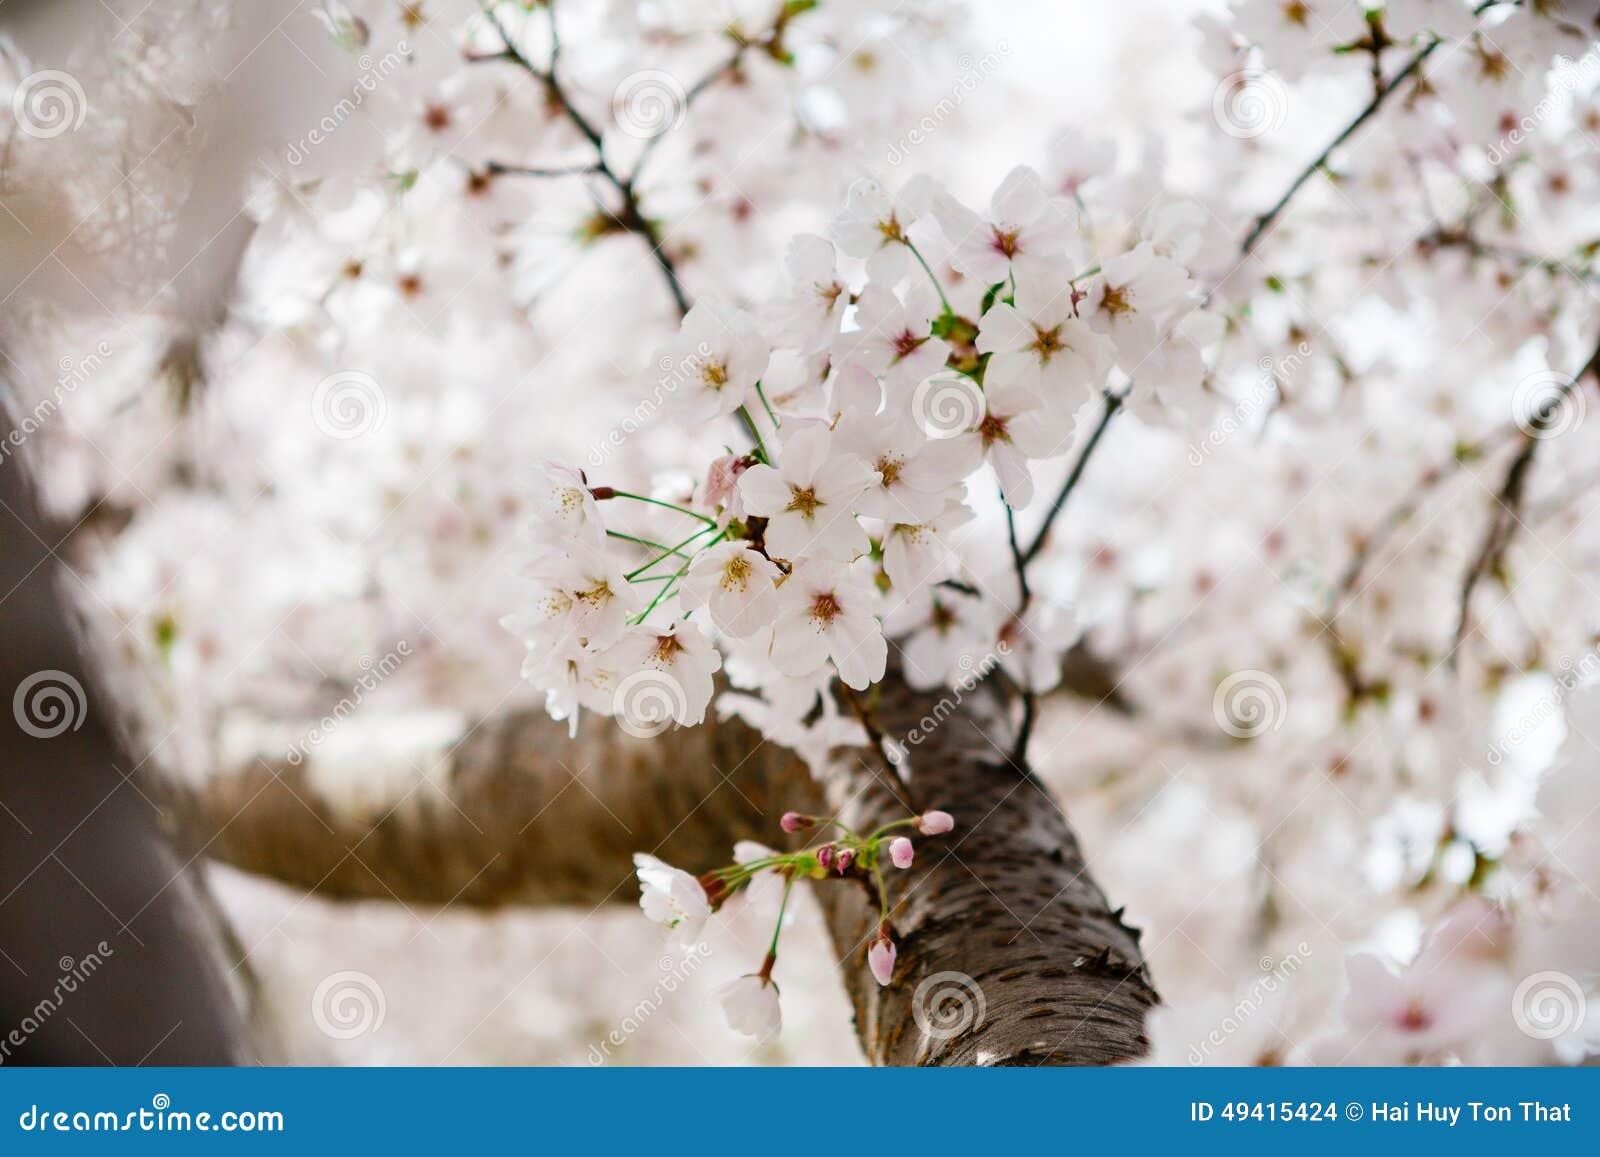 Download Cherry Blossom stockfoto. Bild von botanik, empfindlich - 49415424